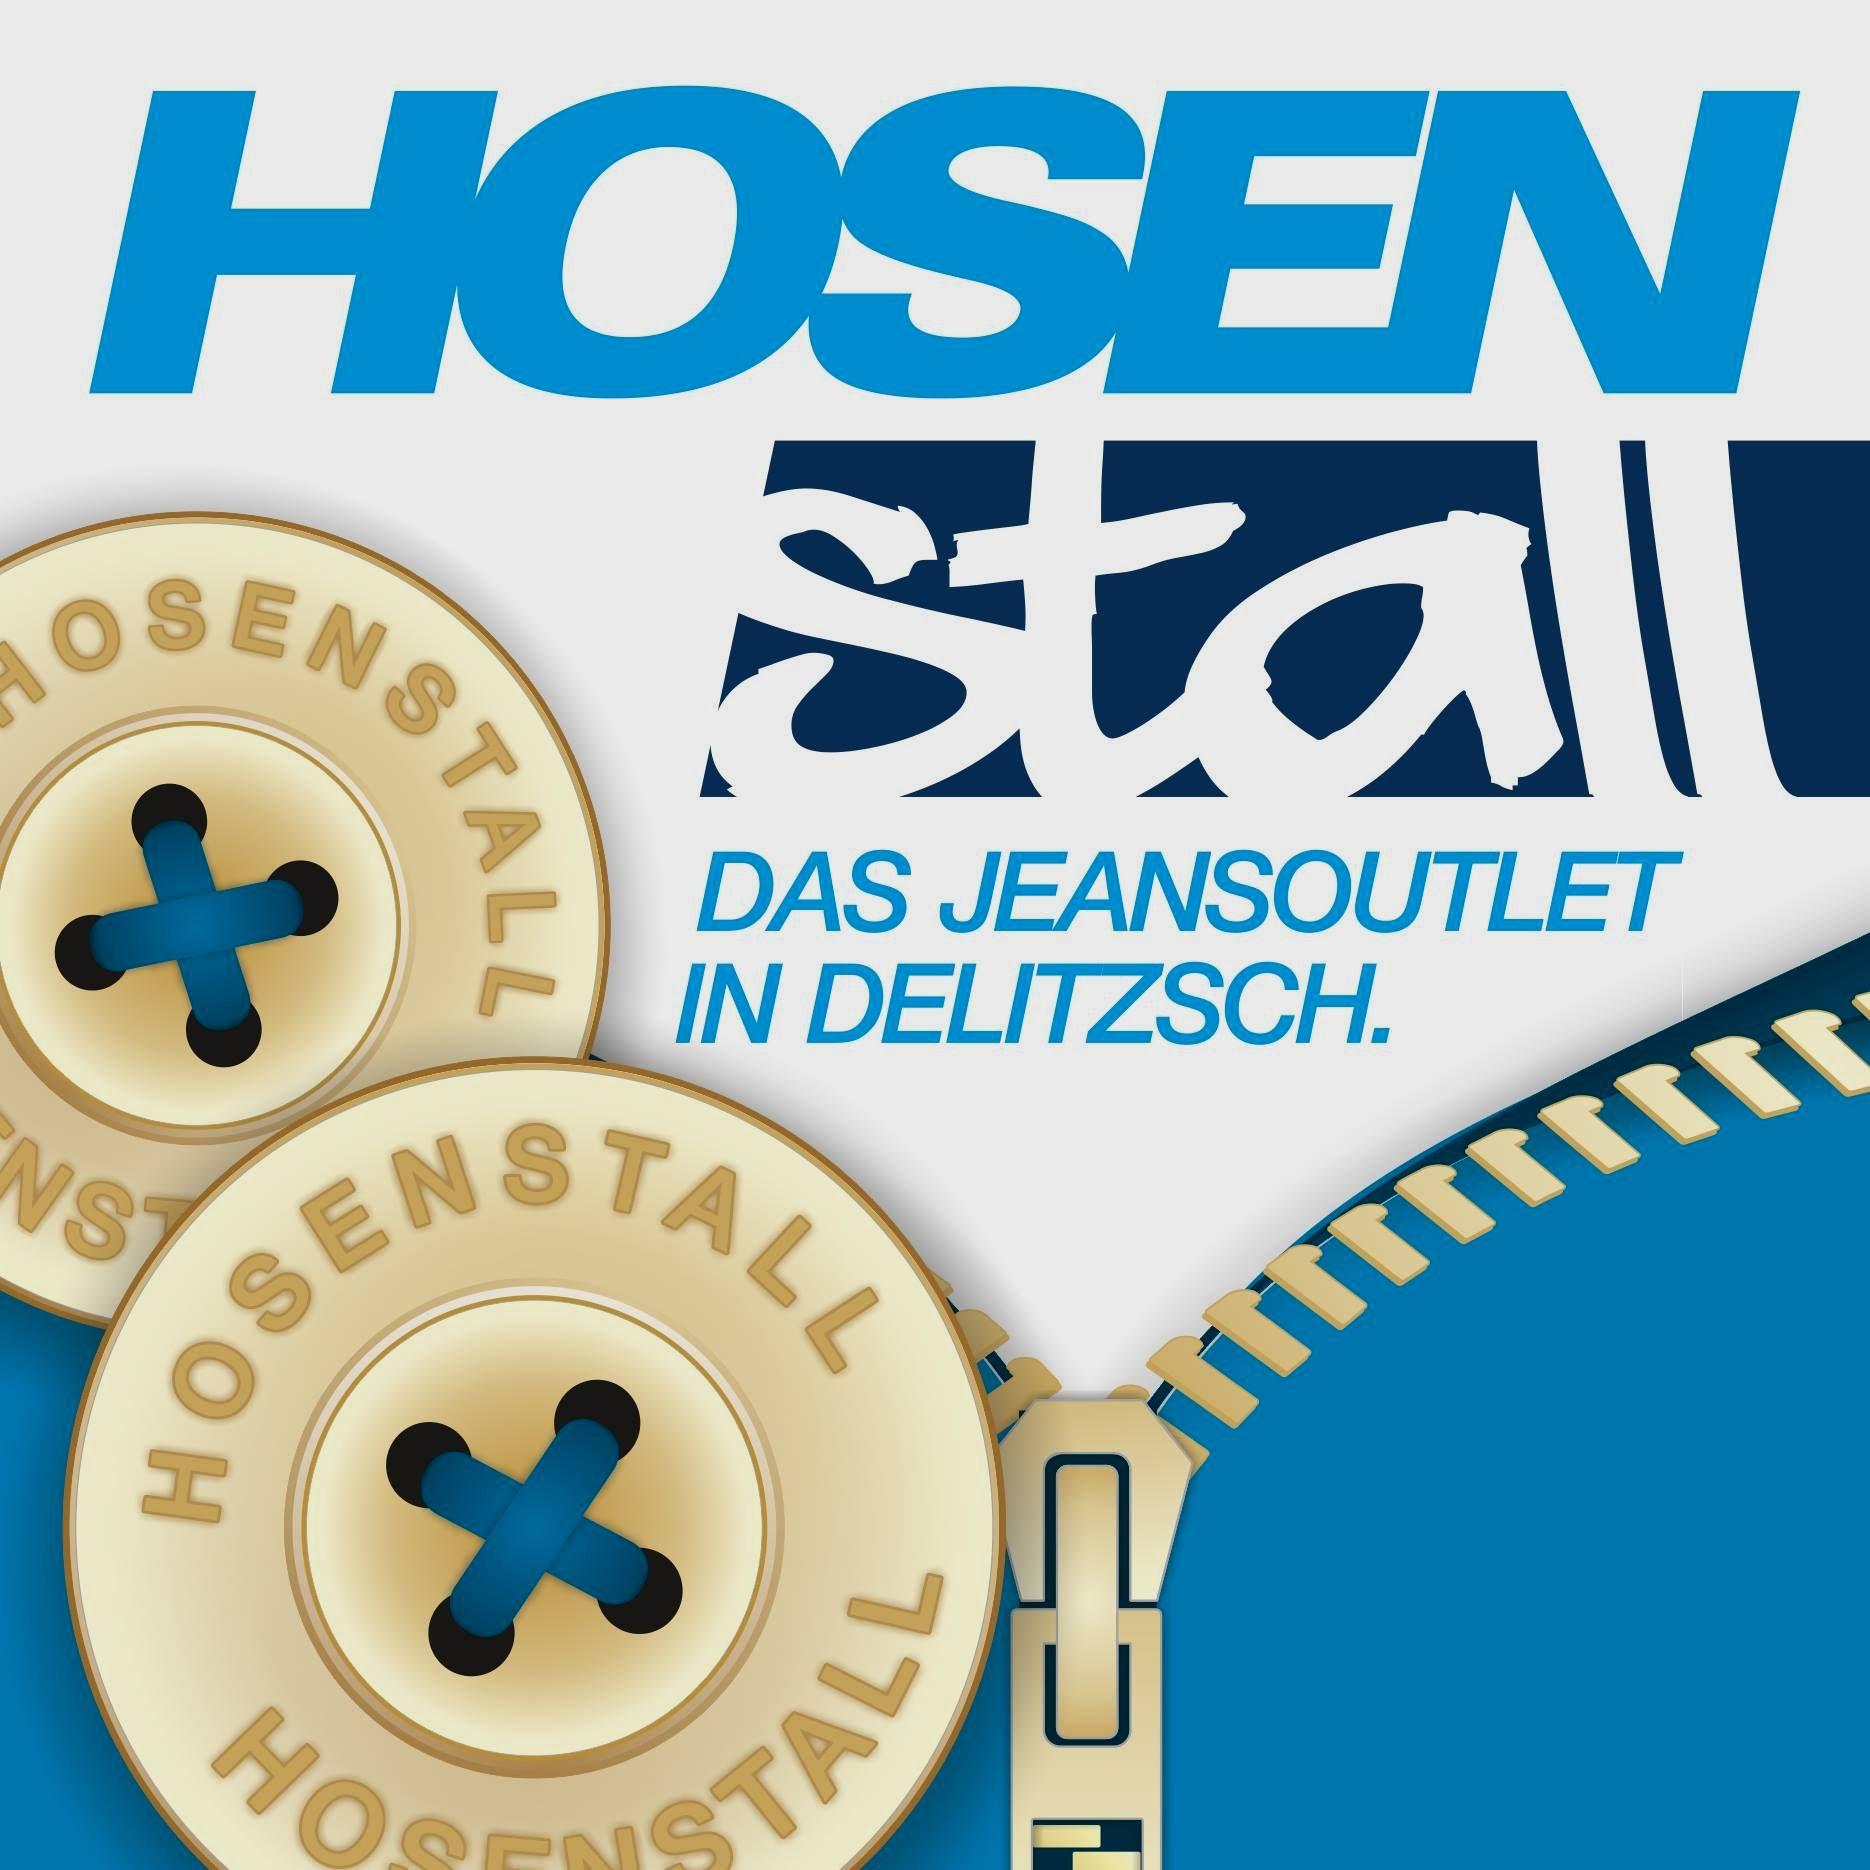 HOSENSTALL